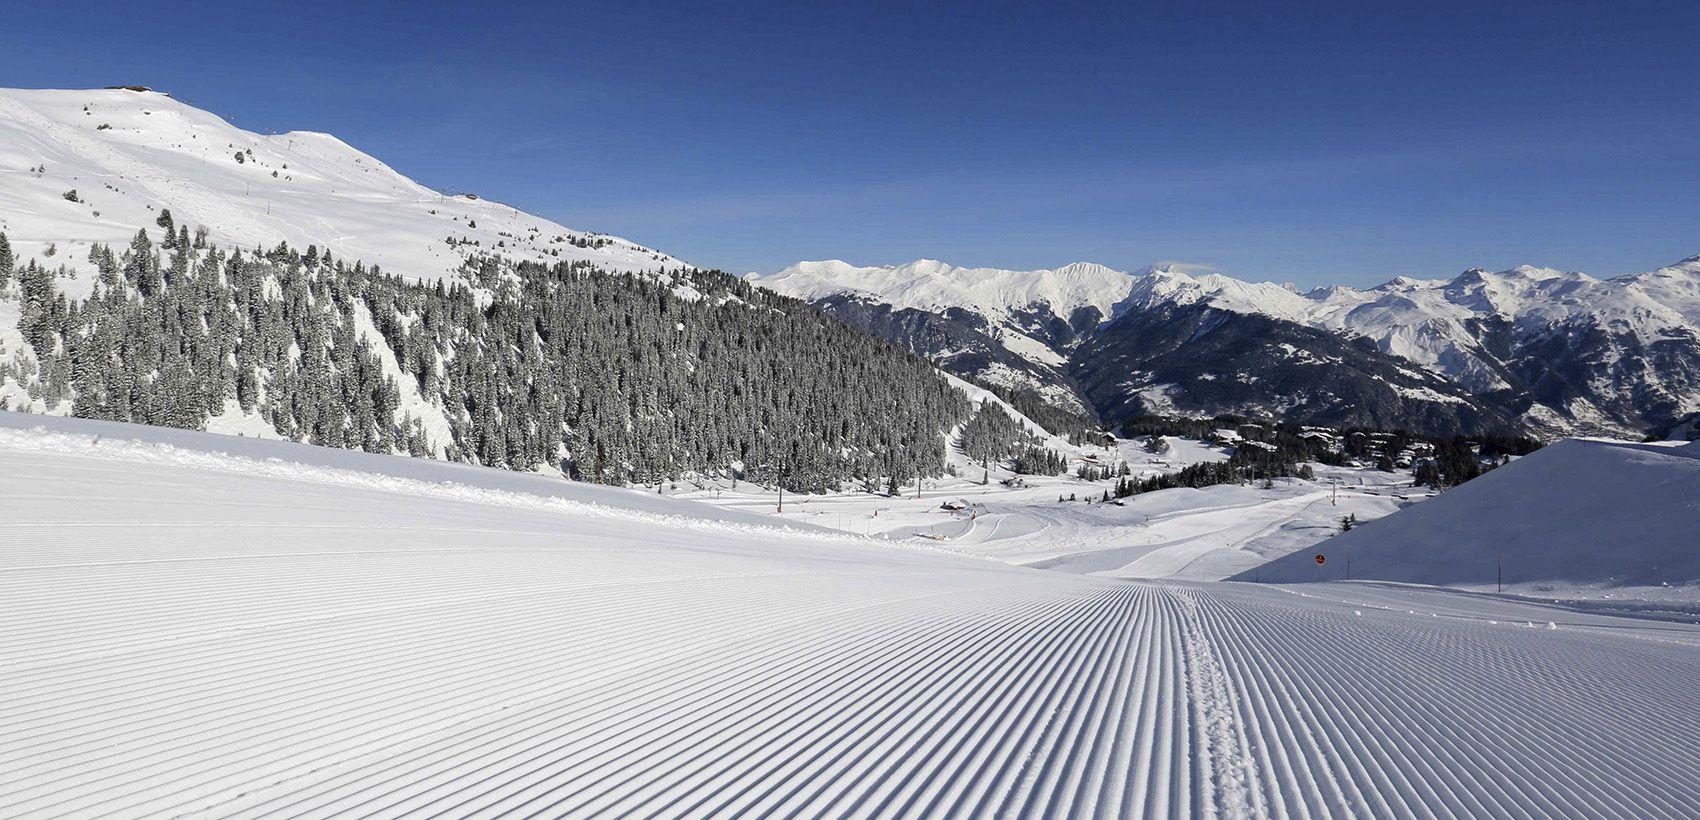 Neve: Alpes Franceses - Les 3 Valées